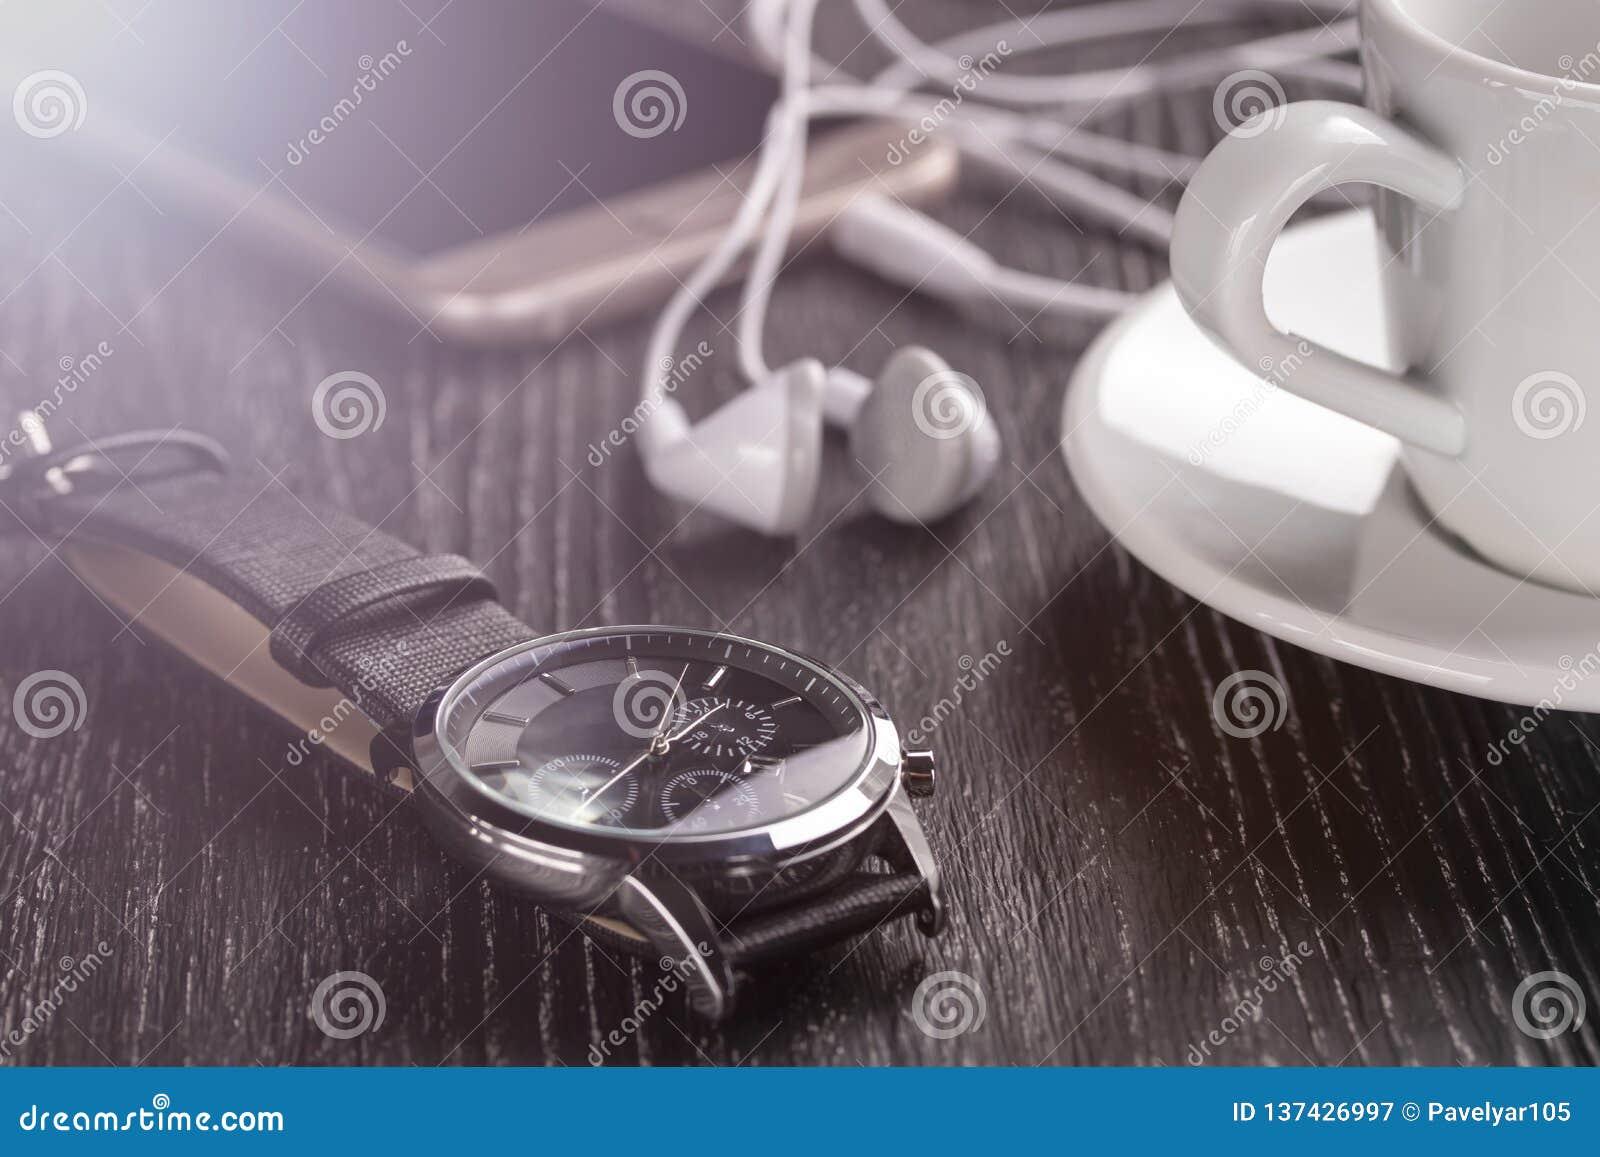 Montre-bracelet et téléphone portable avec des écouteurs et une tasse de café sur une table en bois foncée